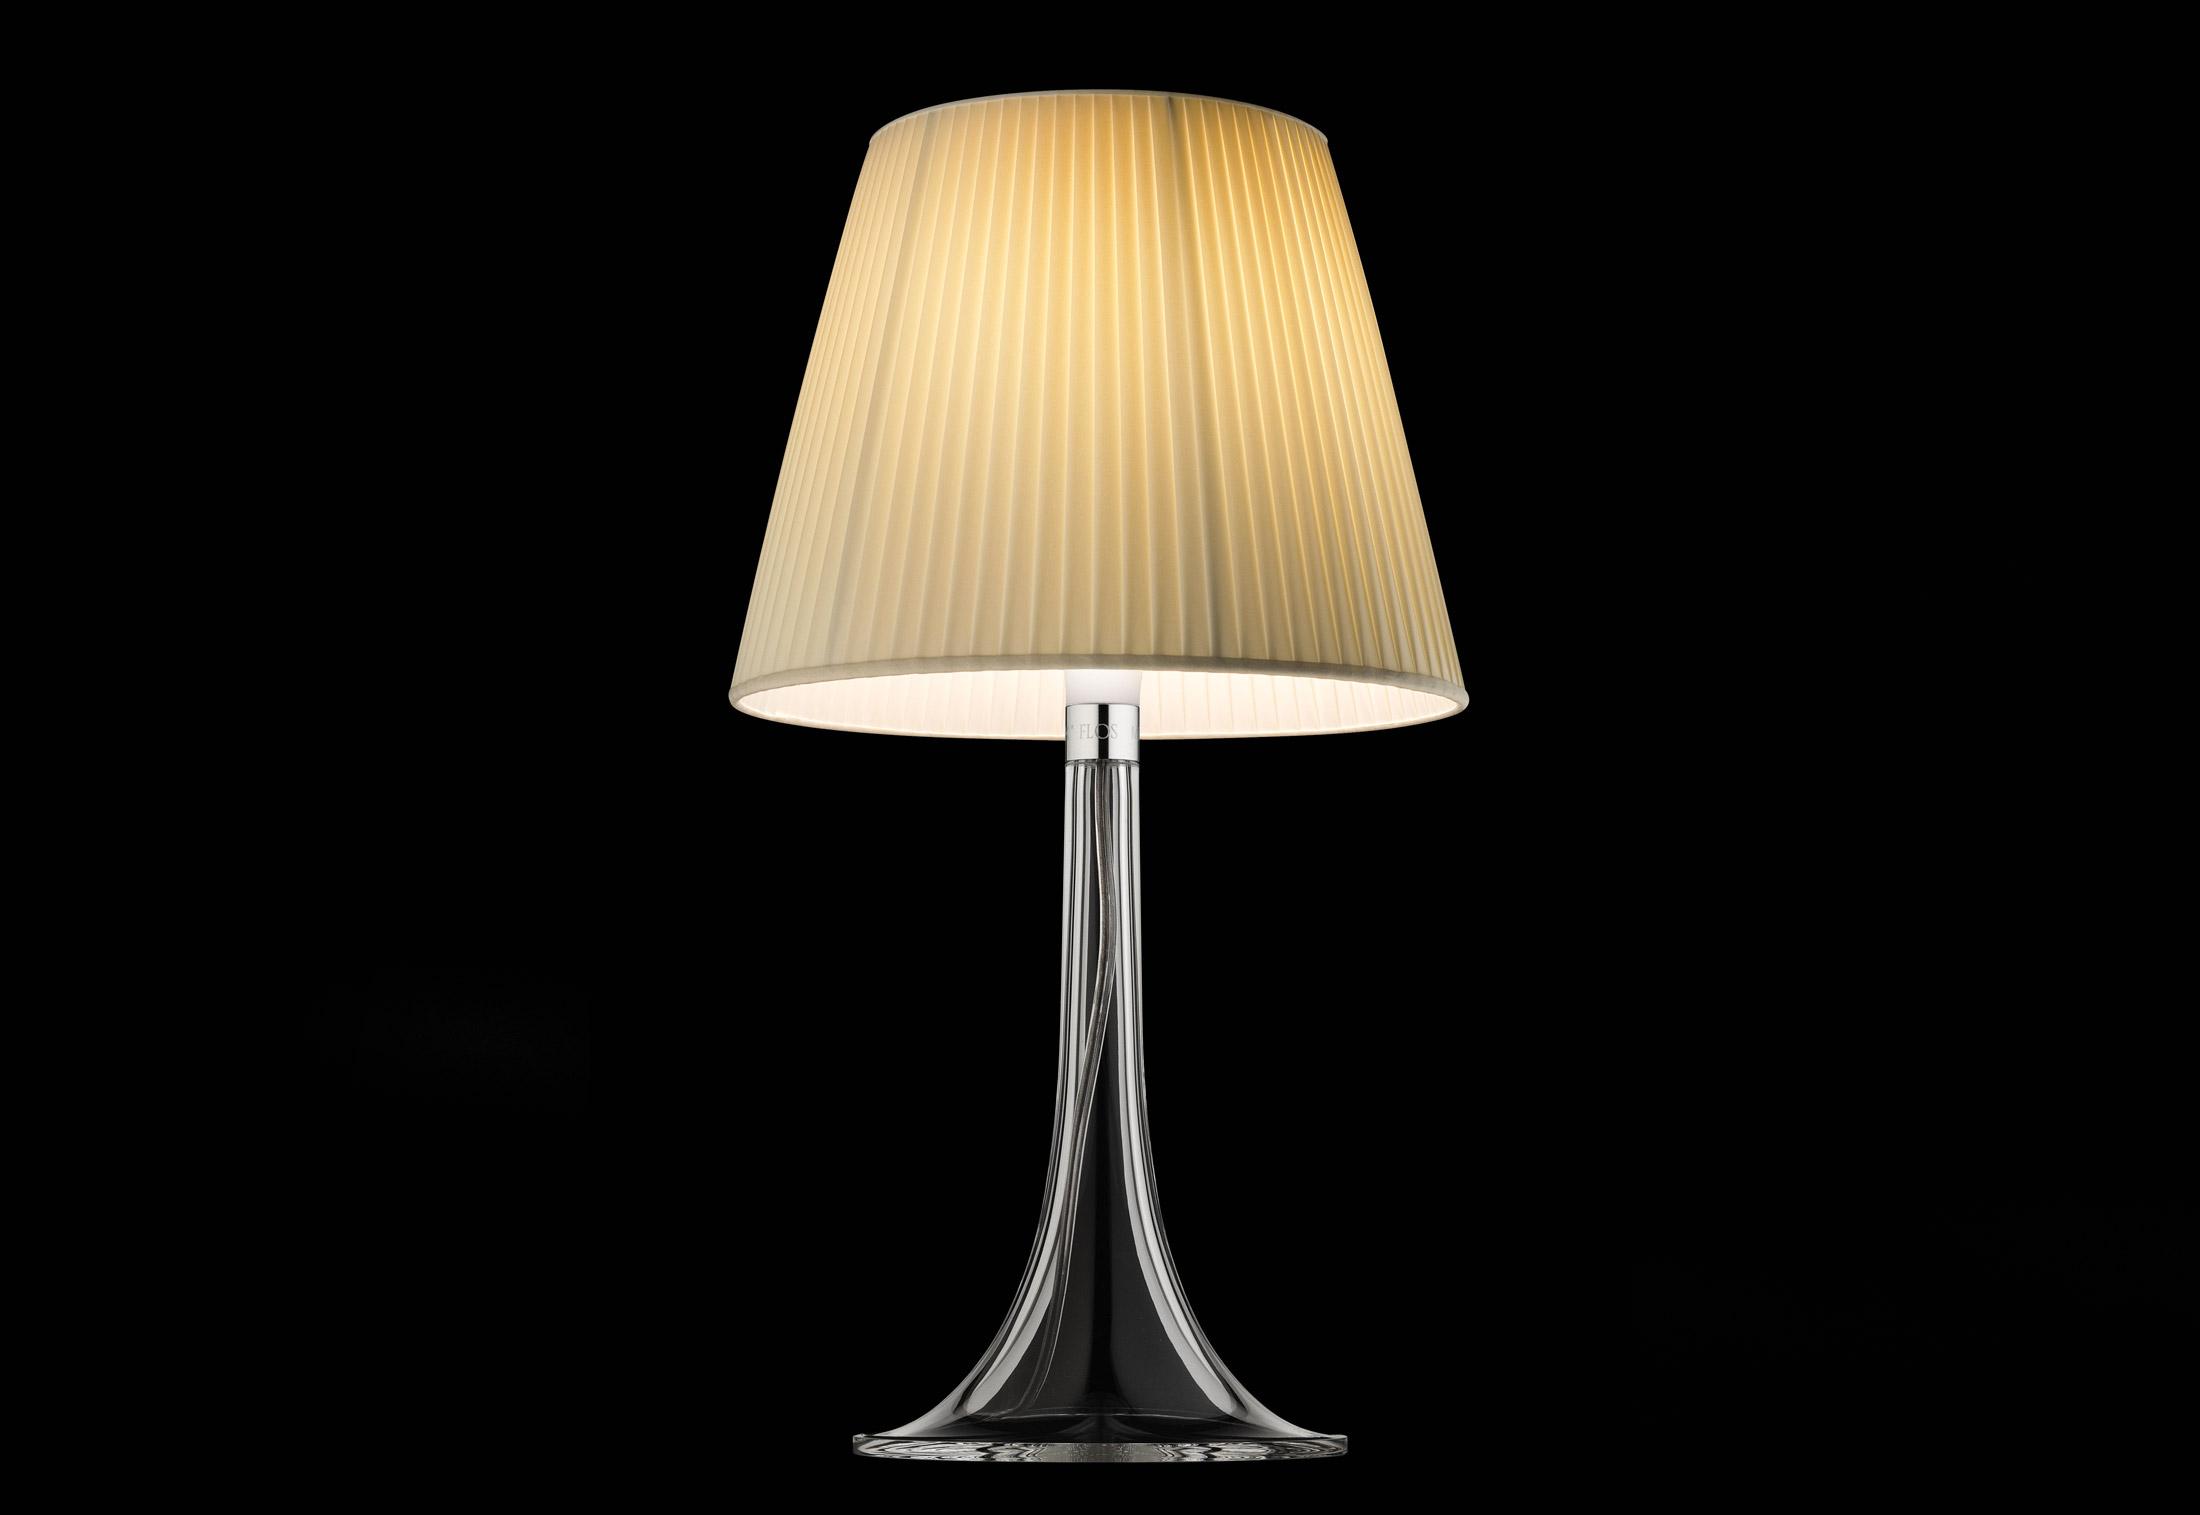 Lampade Da Tavolo Flos : Lampada flos miss k t: lampada da tavolo flos bello miss k t